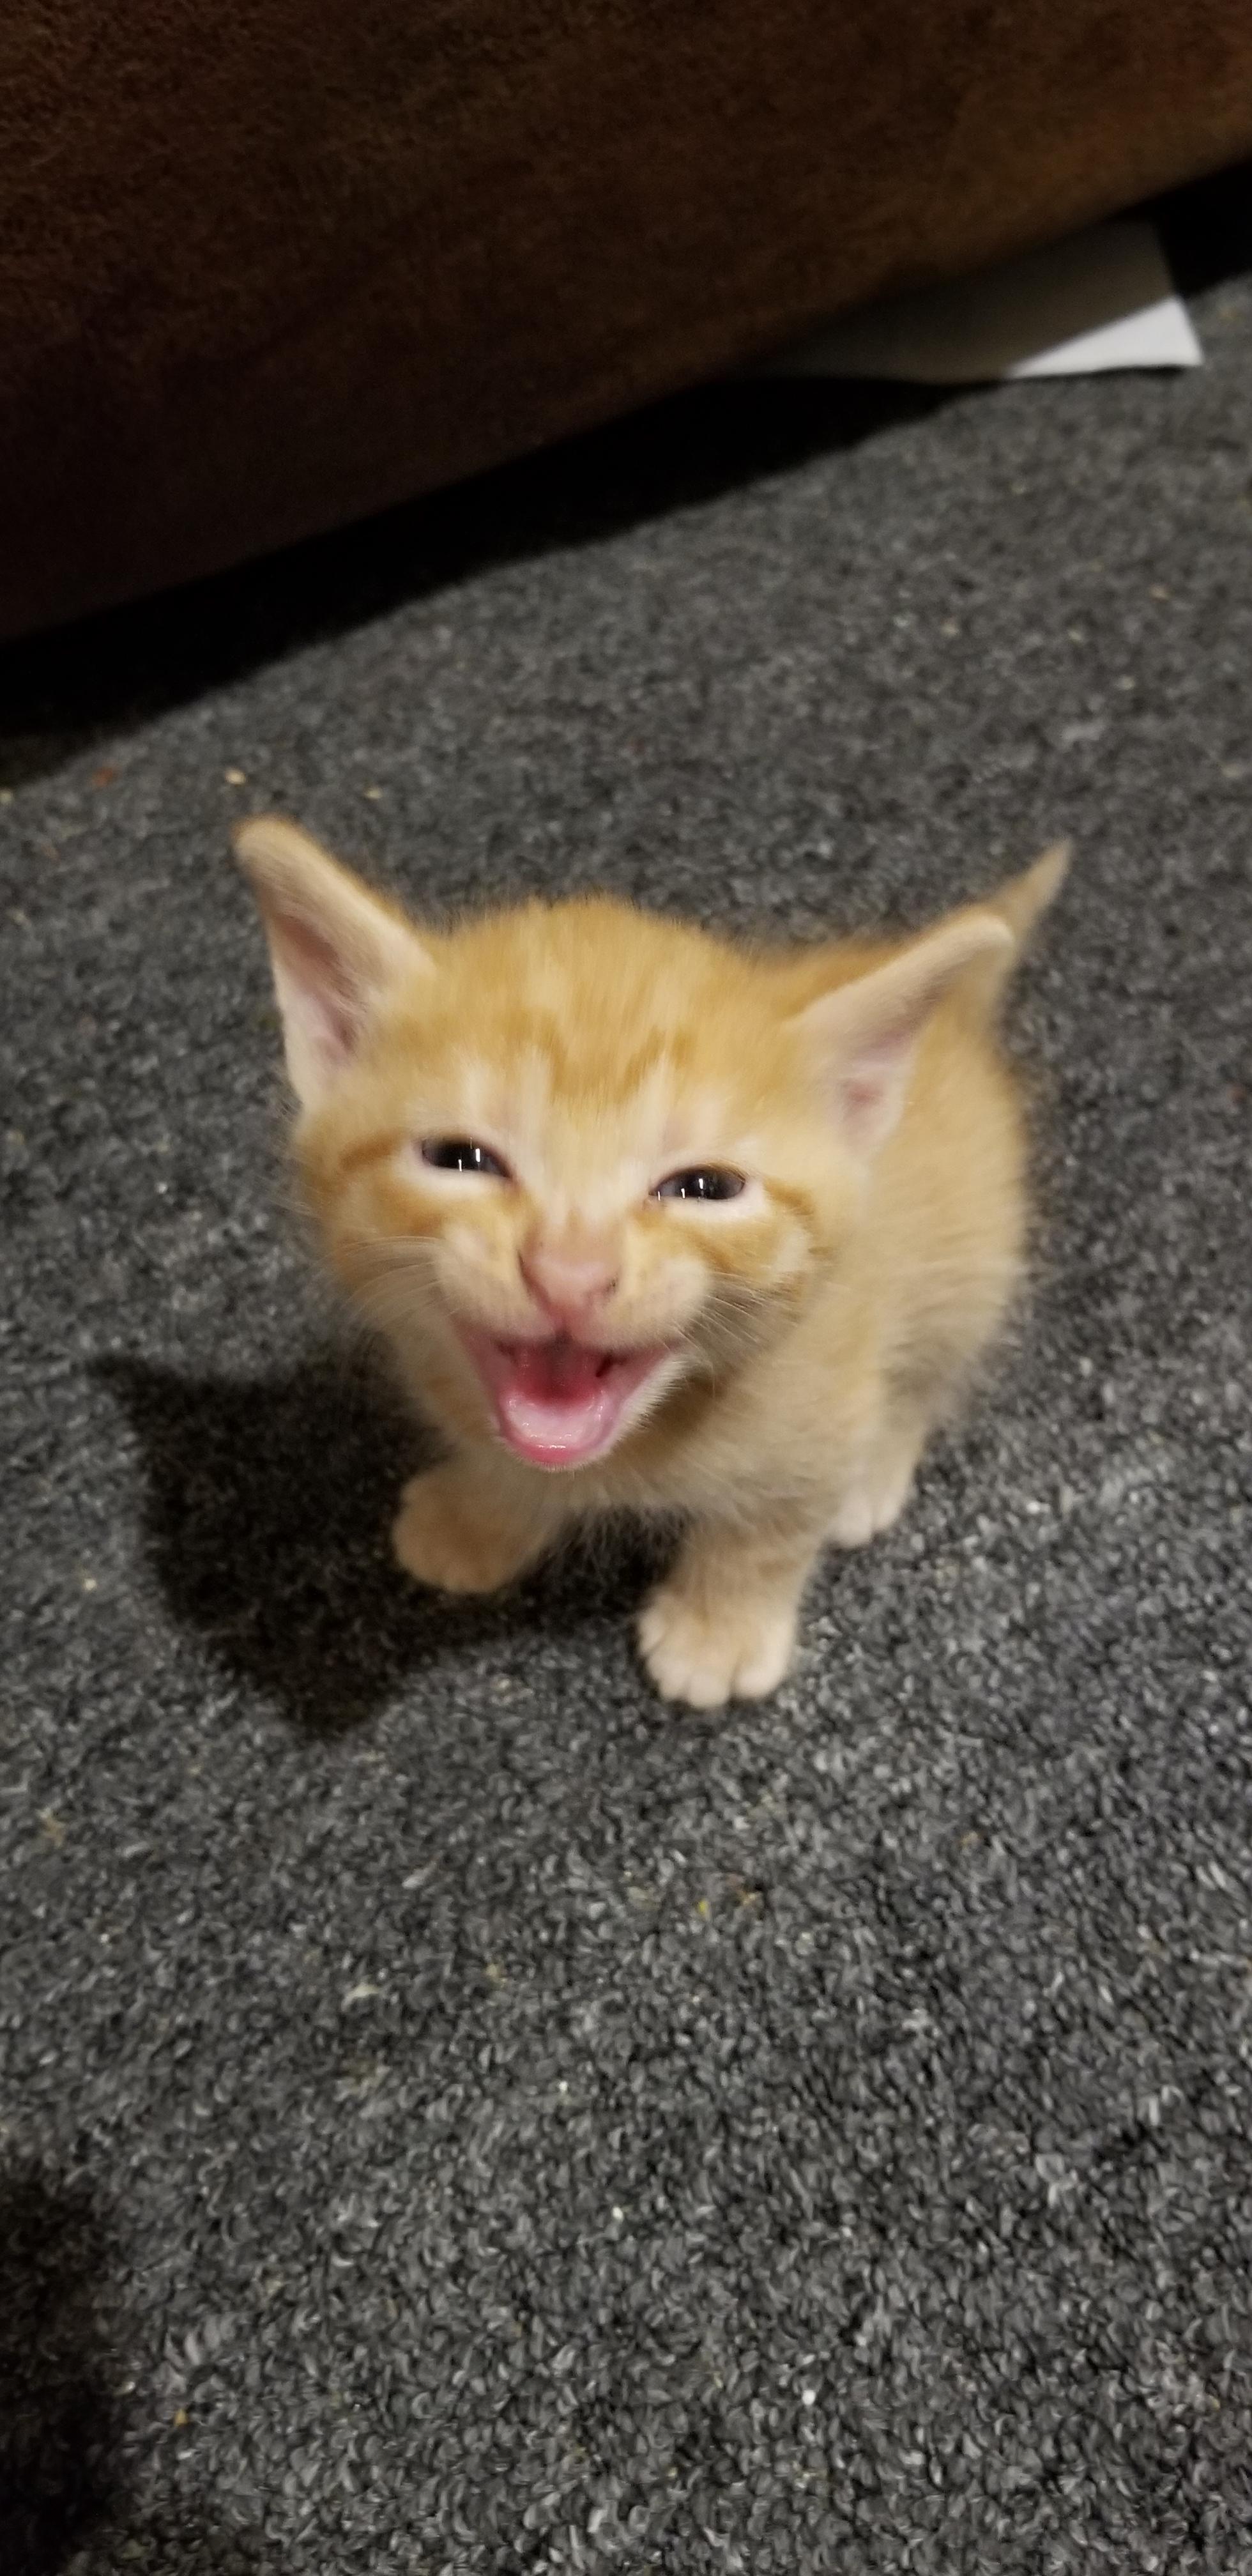 My kitten mufasa learned to roar iftwxlsz cute puppies